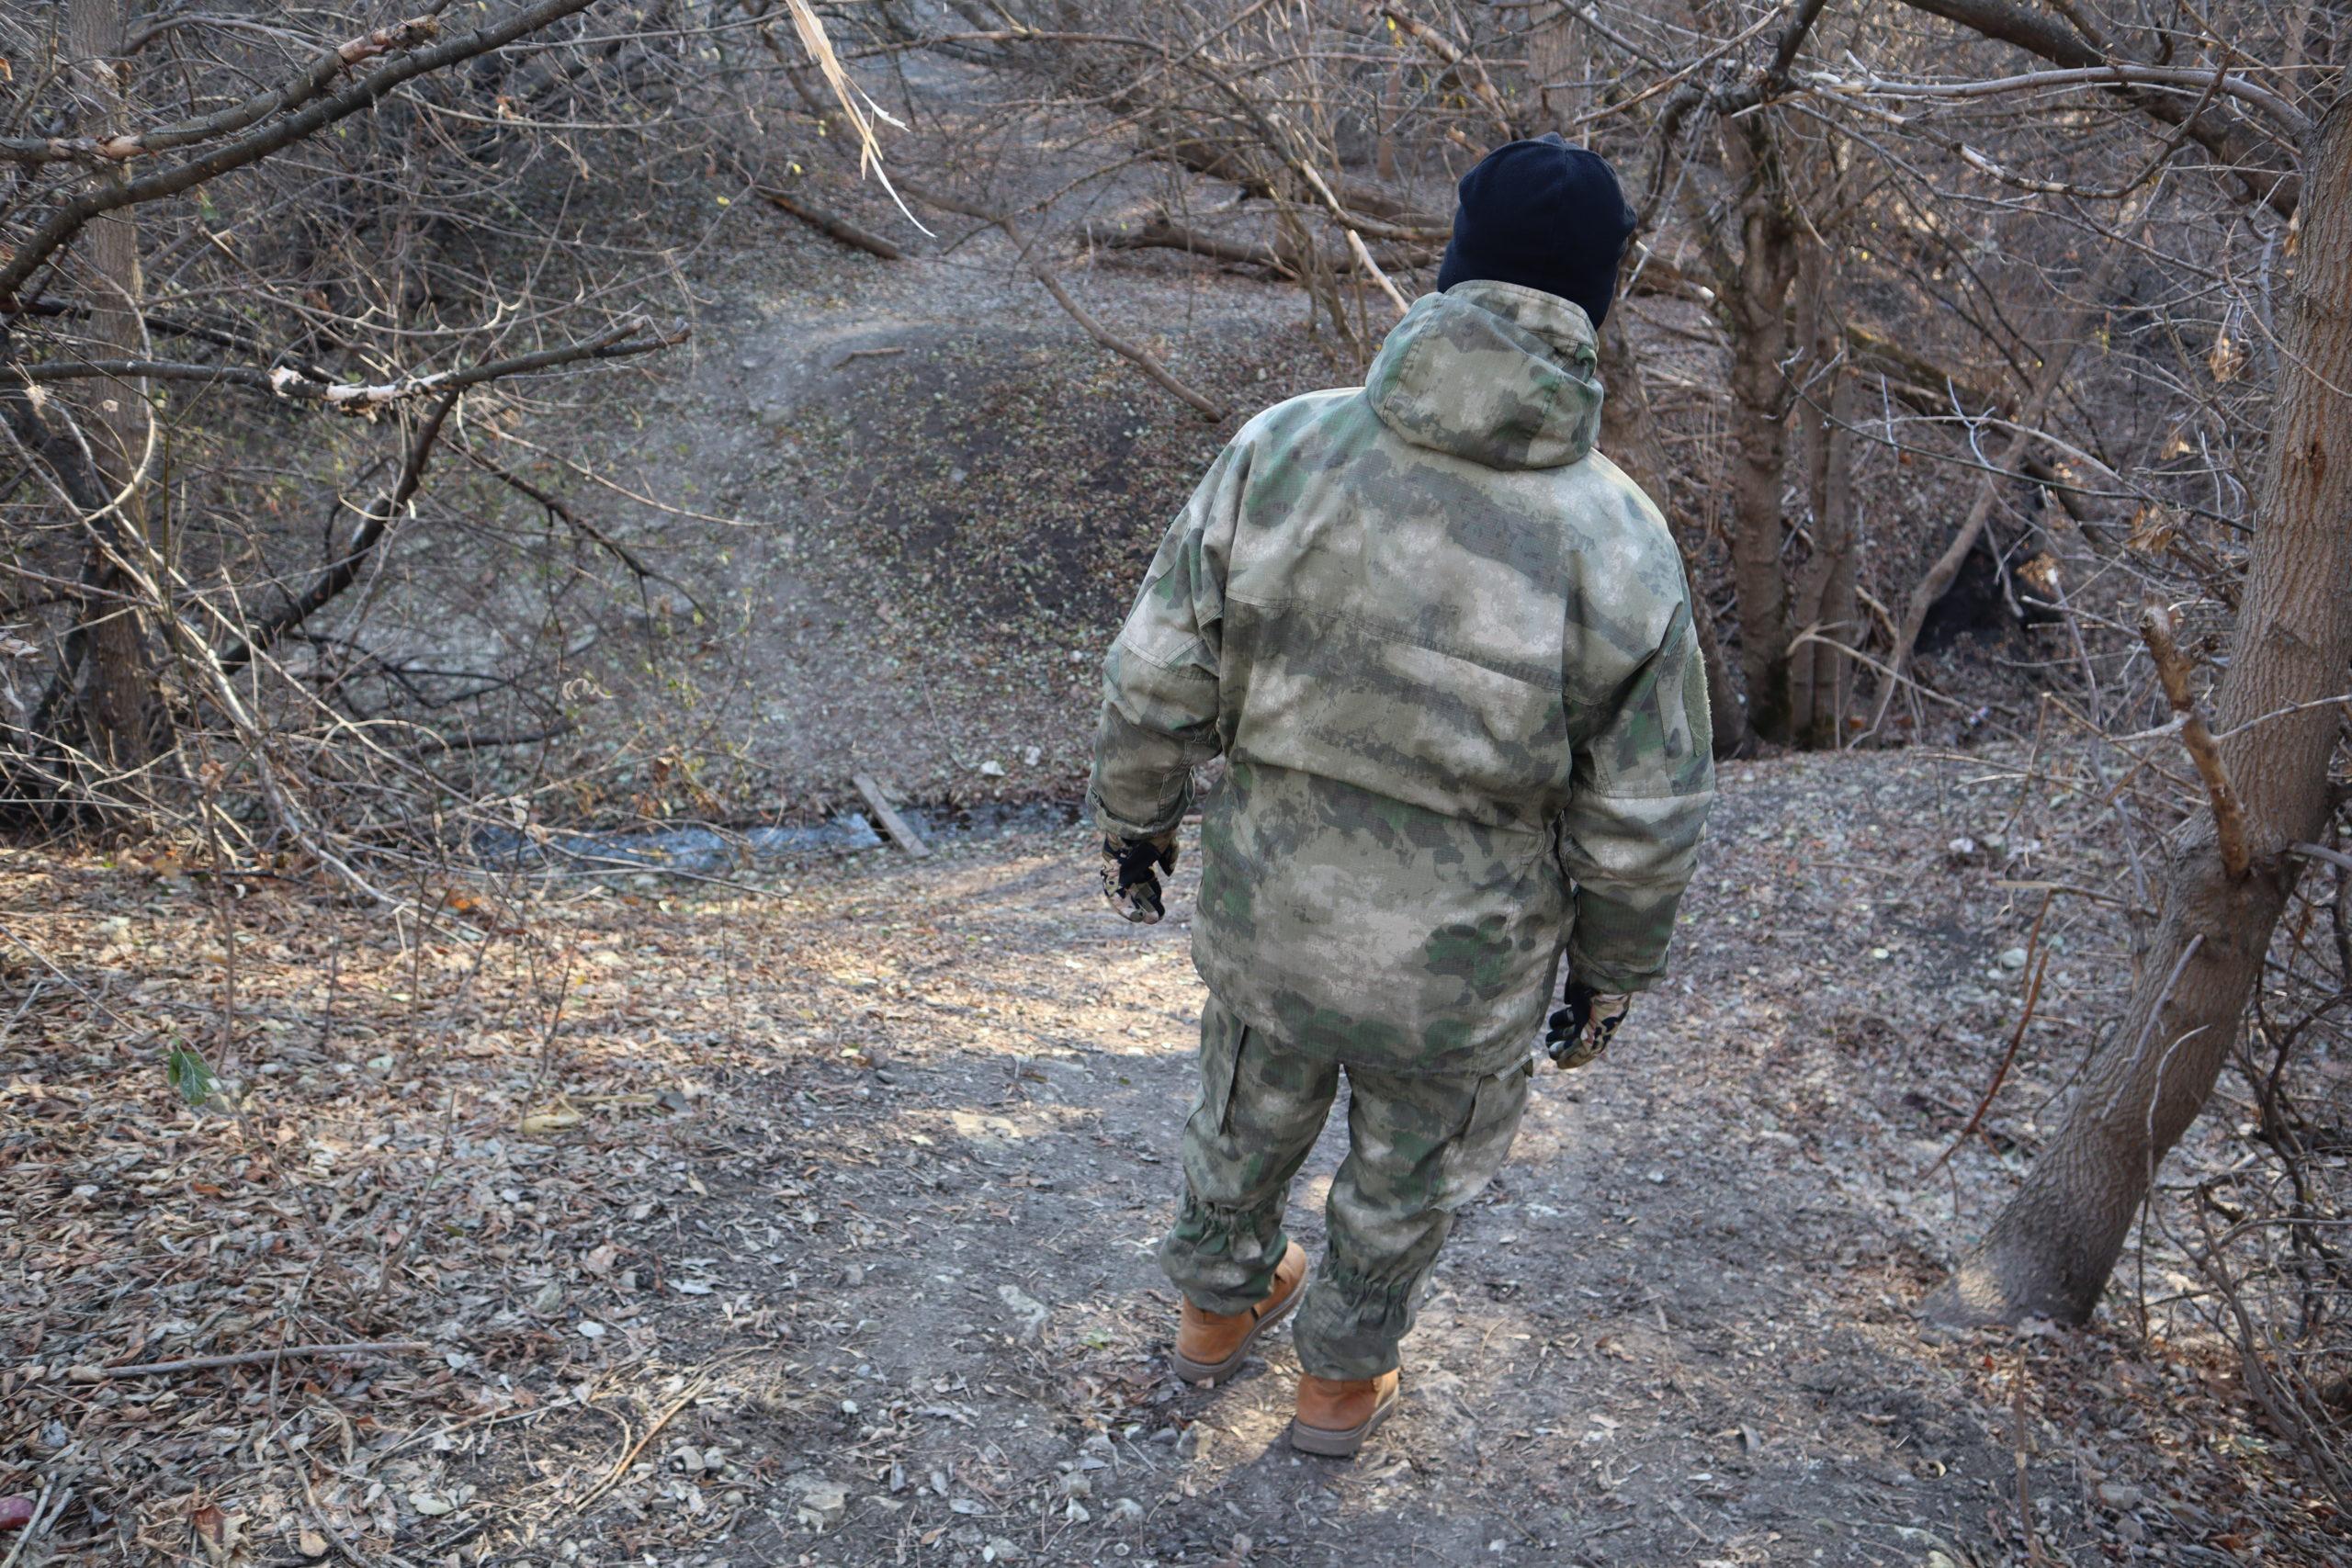 В Луганске активисты проекта «Доброволец» провели тренировку по спасению заблудившихся людей